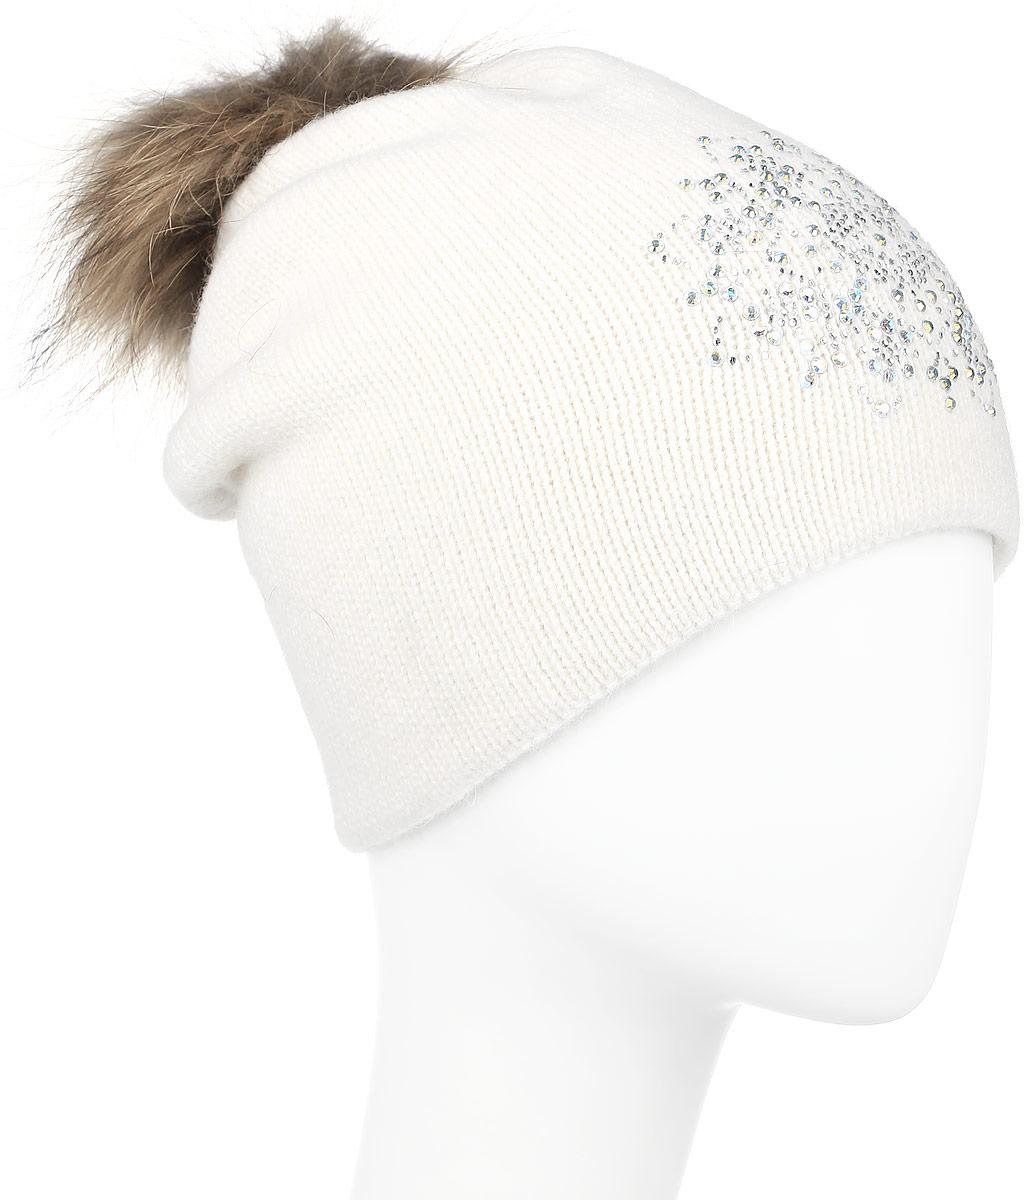 Шапка женская Finn Flare, цвет: молочный. W16-11128_711. Размер 56W16-11128_711Стильная женская шапка Finn Flare дополнит ваш наряд и не позволит вам замерзнуть в холодное время года. Шапка выполнена из высококачественной пряжи, что позволяет ей великолепно сохранять тепло и обеспечивает высокую эластичность и удобство посадки.Модель оформлена брендовой металлической пластиной, стразами и дополнена помпоном из натурального меха. Уважаемые клиенты!Размер, доступный для заказа, является обхватом головы.